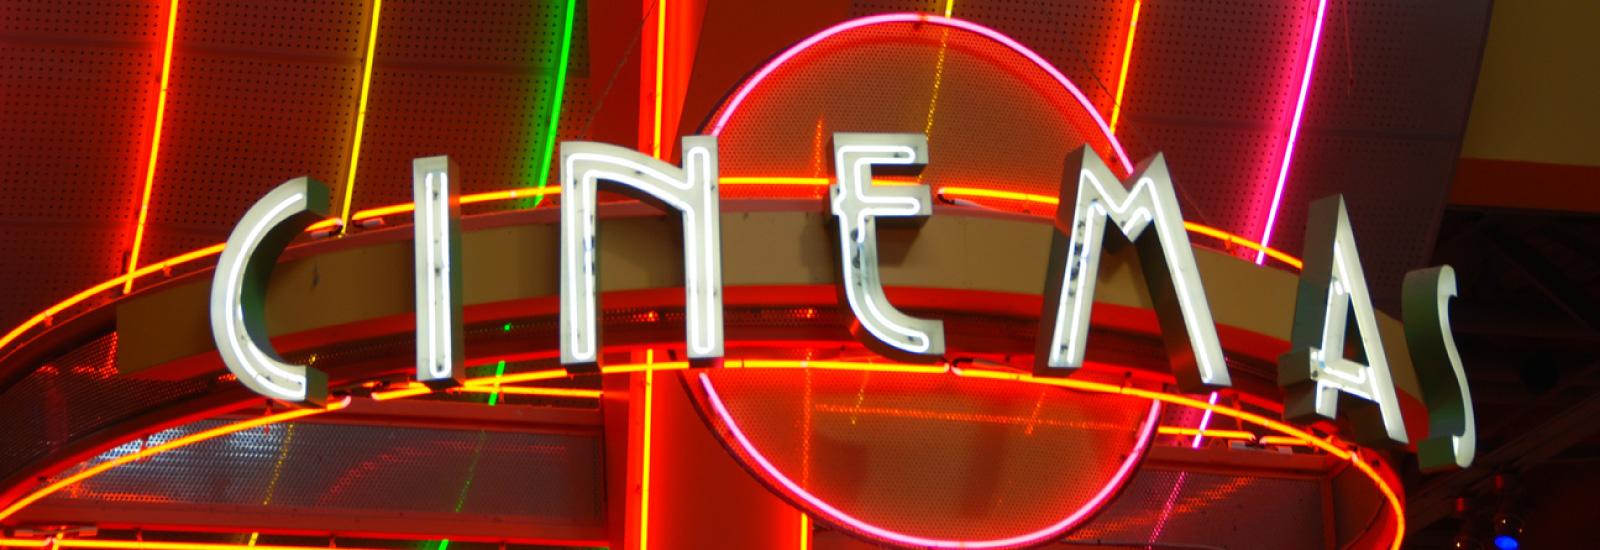 NAS Lemoore Movie Theater